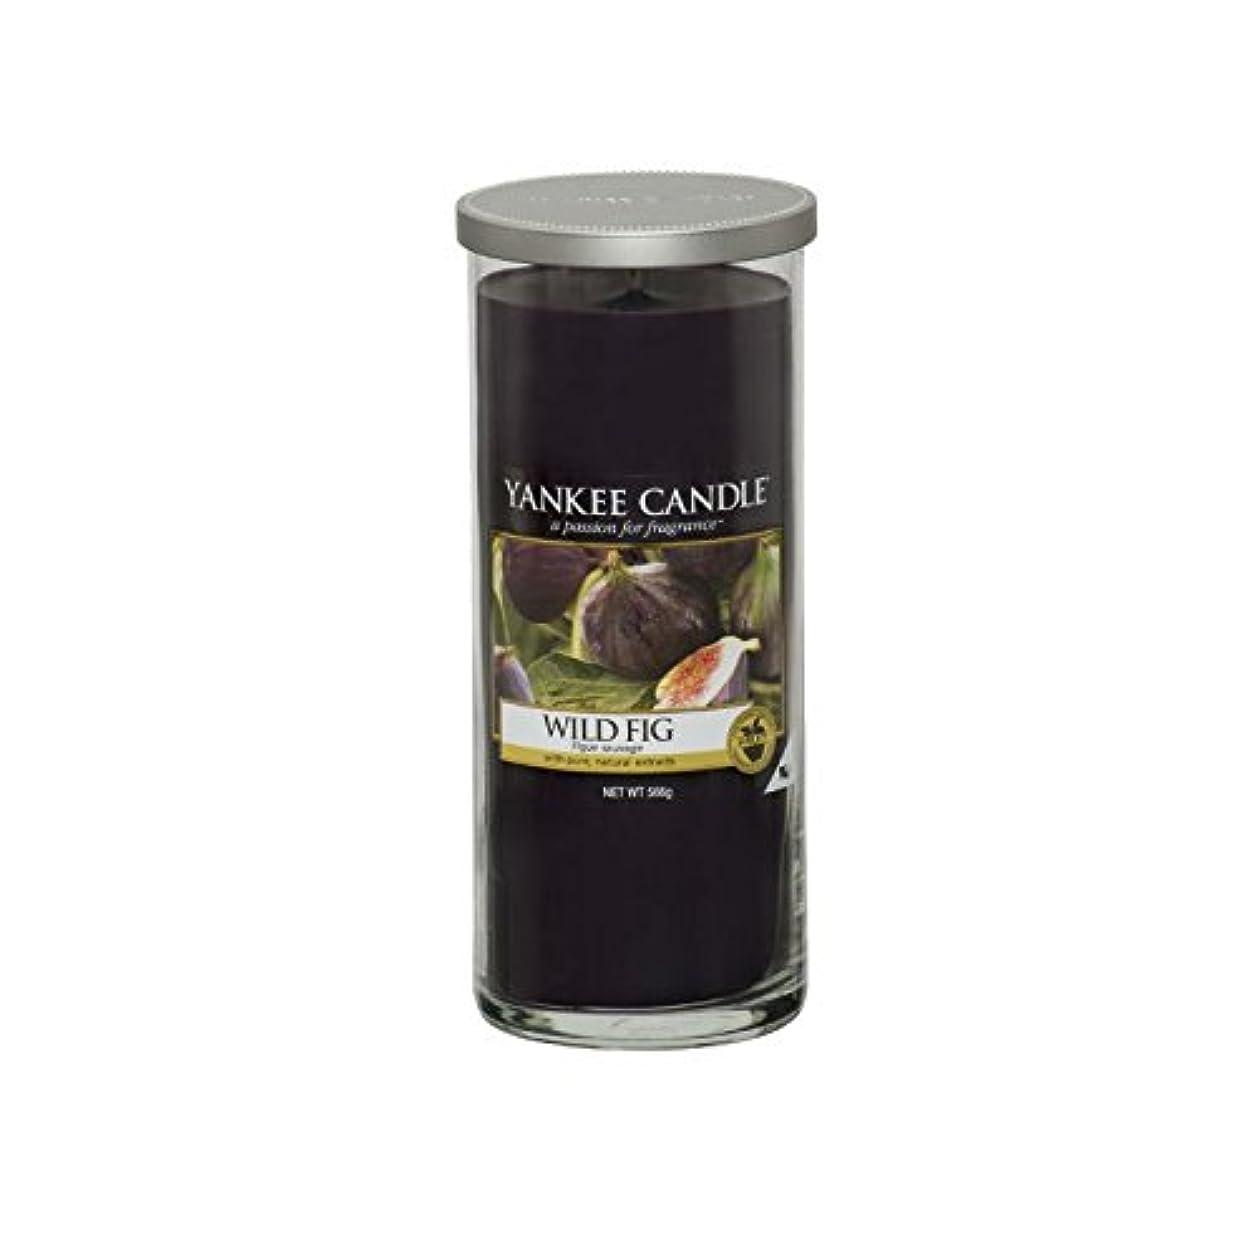 伝染病あいにく涙が出るヤンキーキャンドル大きな柱キャンドル - 野生のイチジク - Yankee Candles Large Pillar Candle - Wild Fig (Yankee Candles) [並行輸入品]